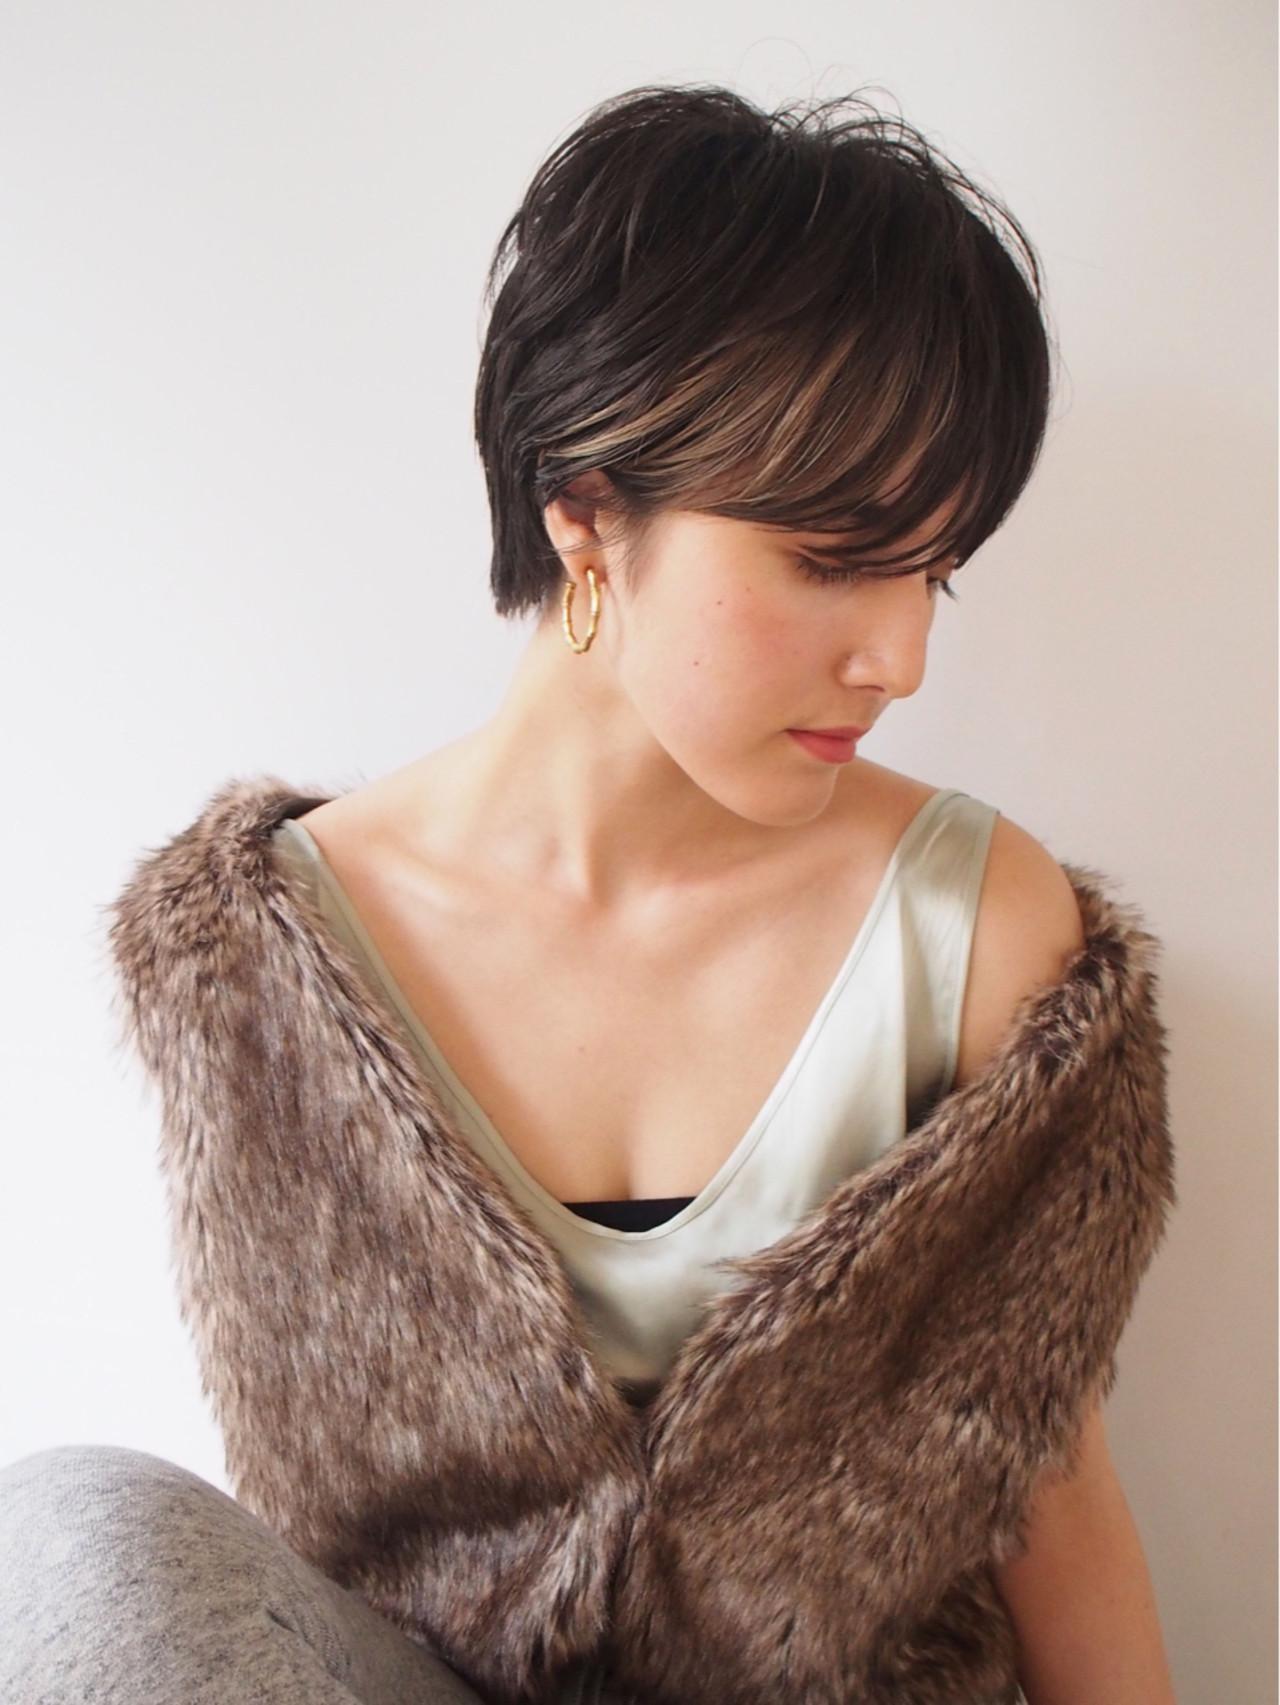 ハンサム 暗髪 抜け感 アッシュ ヘアスタイルや髪型の写真・画像 | 一色 さおり / LOAVE AOYAMA(ローブ アオヤマ)